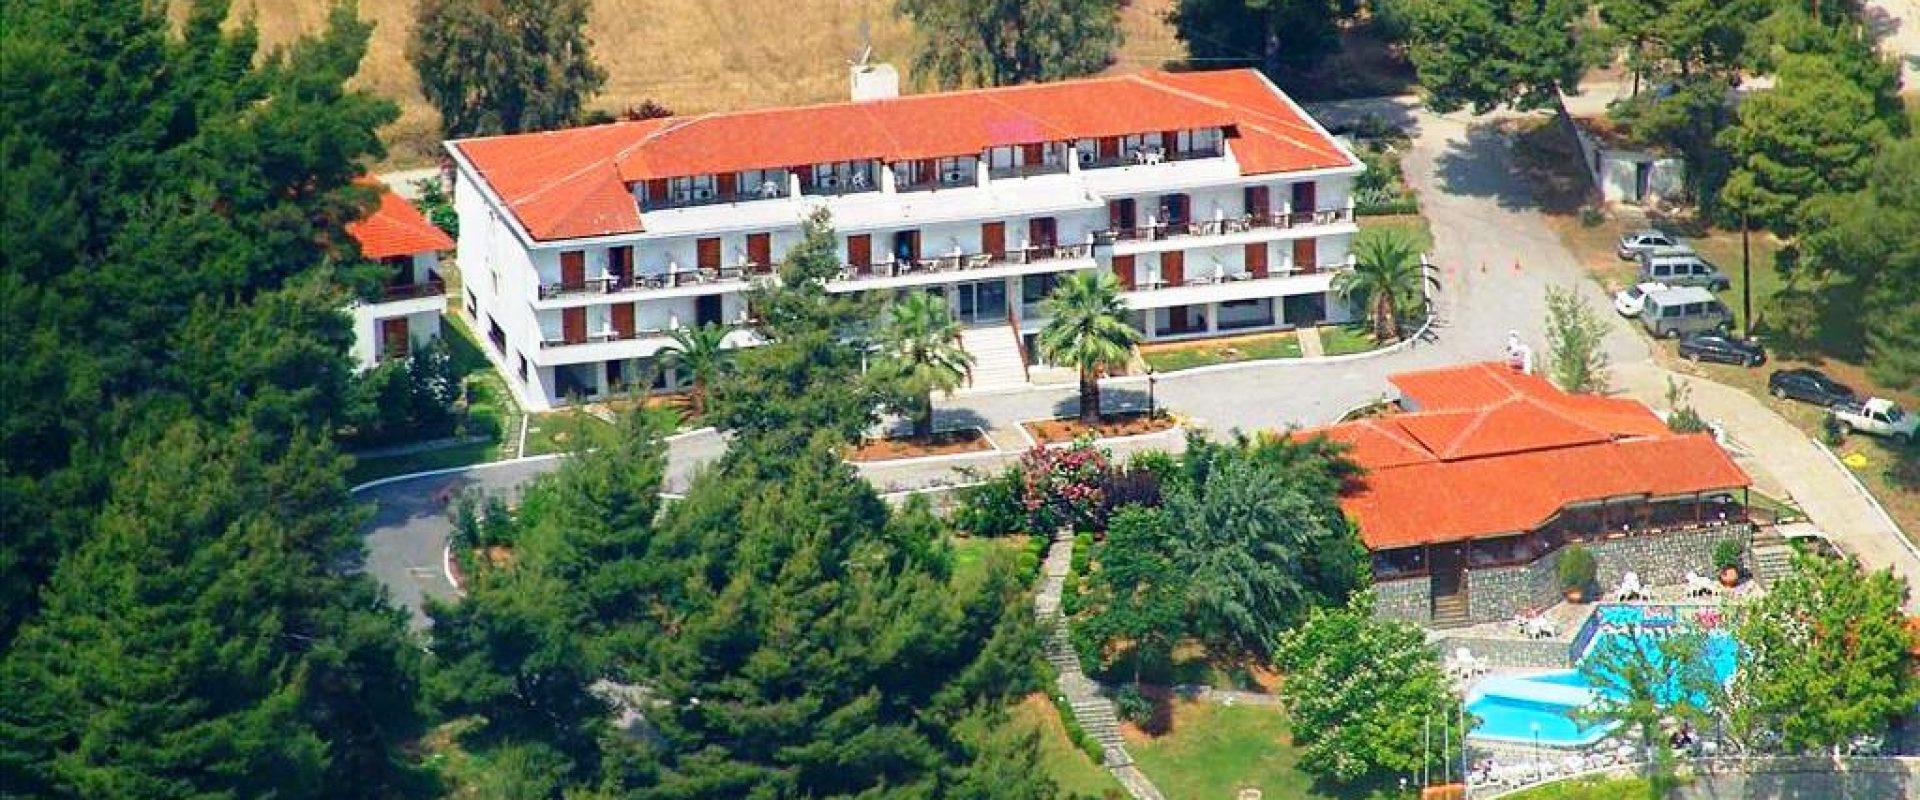 Vacanță la mare în Grecia, Halkidiki, Hotel Forest Park